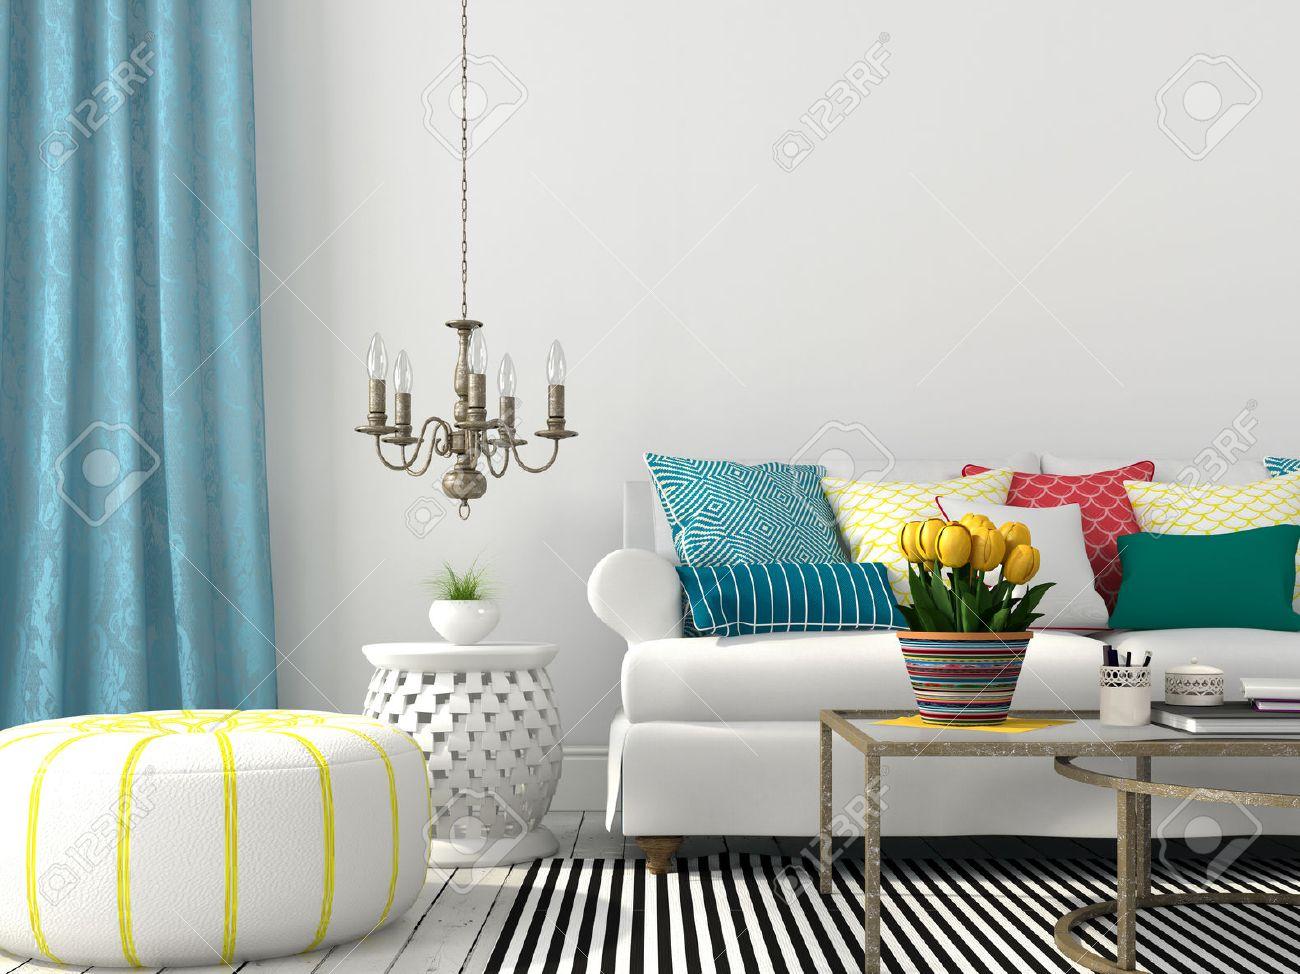 Weiß Innenraum Wohnzimmer Mit Bunten Kissen Und Blauen Vorhang ...